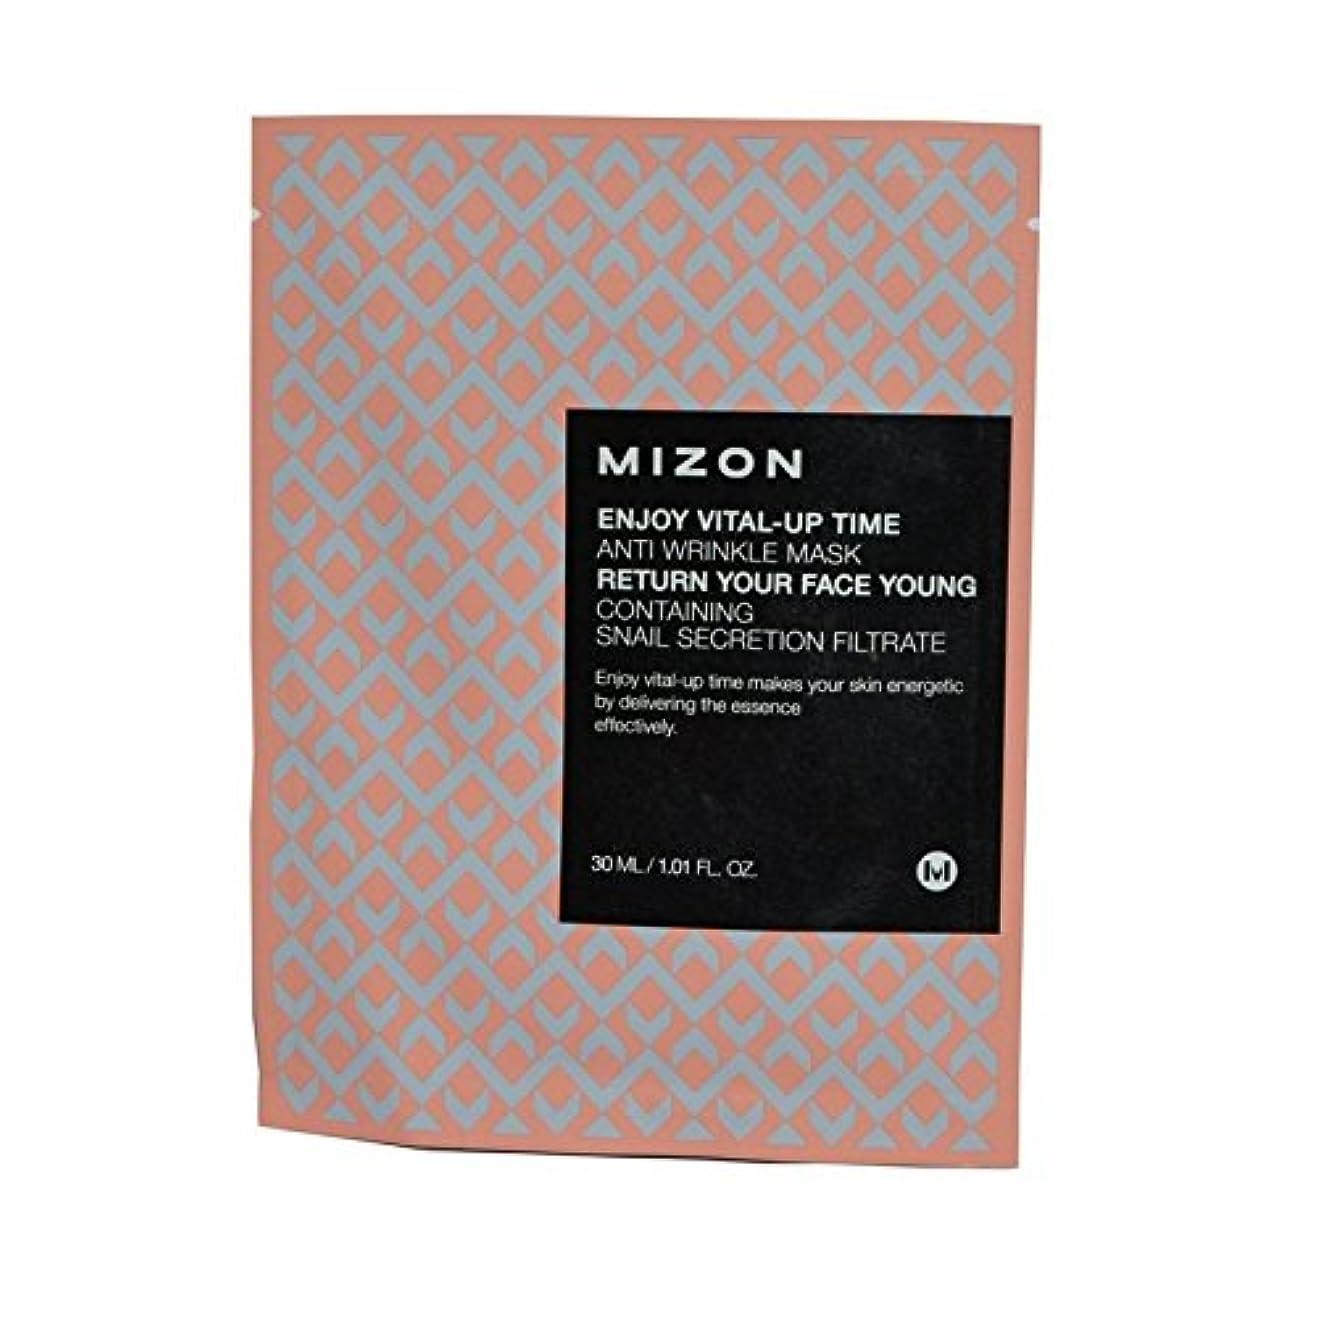 結婚式前売物理的にが不可欠アップ時間抗しわマスクを楽しみます x4 - Mizon Enjoy Vital Up Time Anti-Wrinkle Mask (Pack of 4) [並行輸入品]